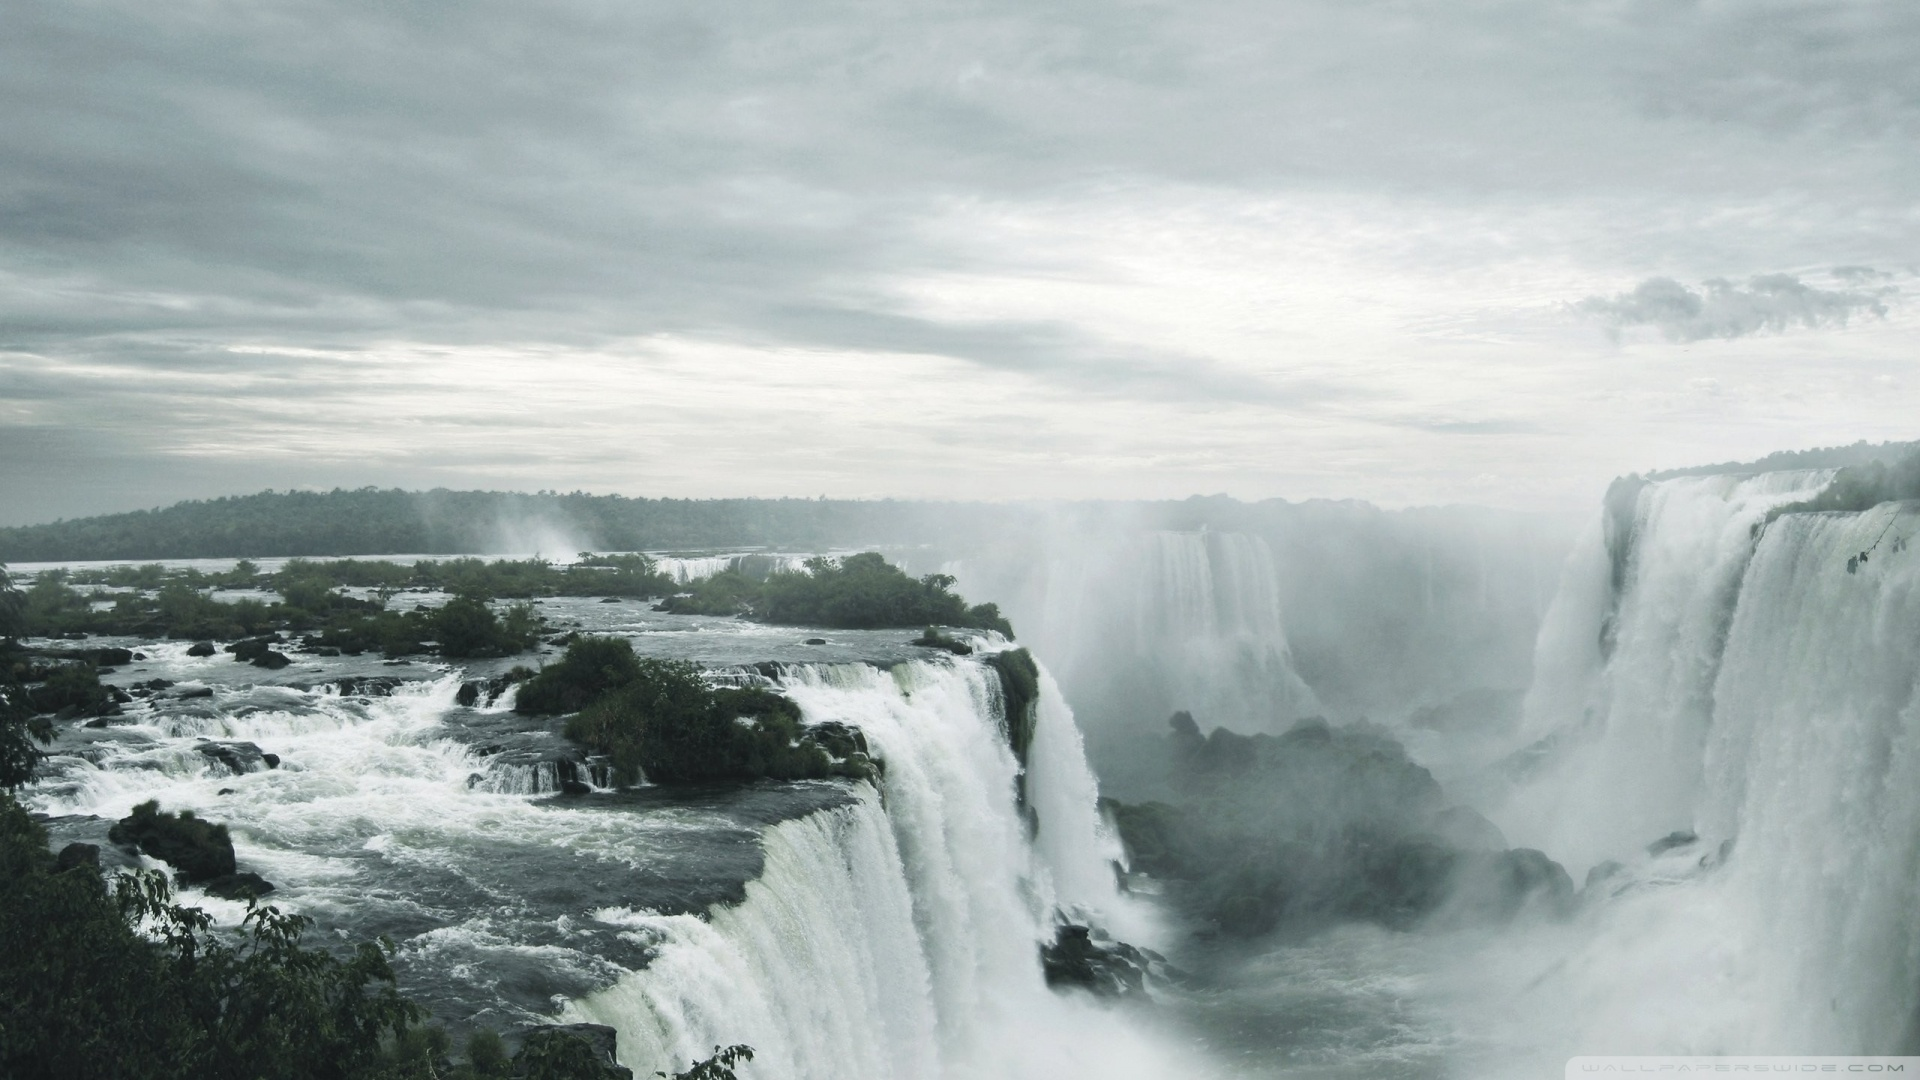 Most Beautiful Waterfalls Wallpaper 1920x1080 Worlds Most Beautiful 1920x1080